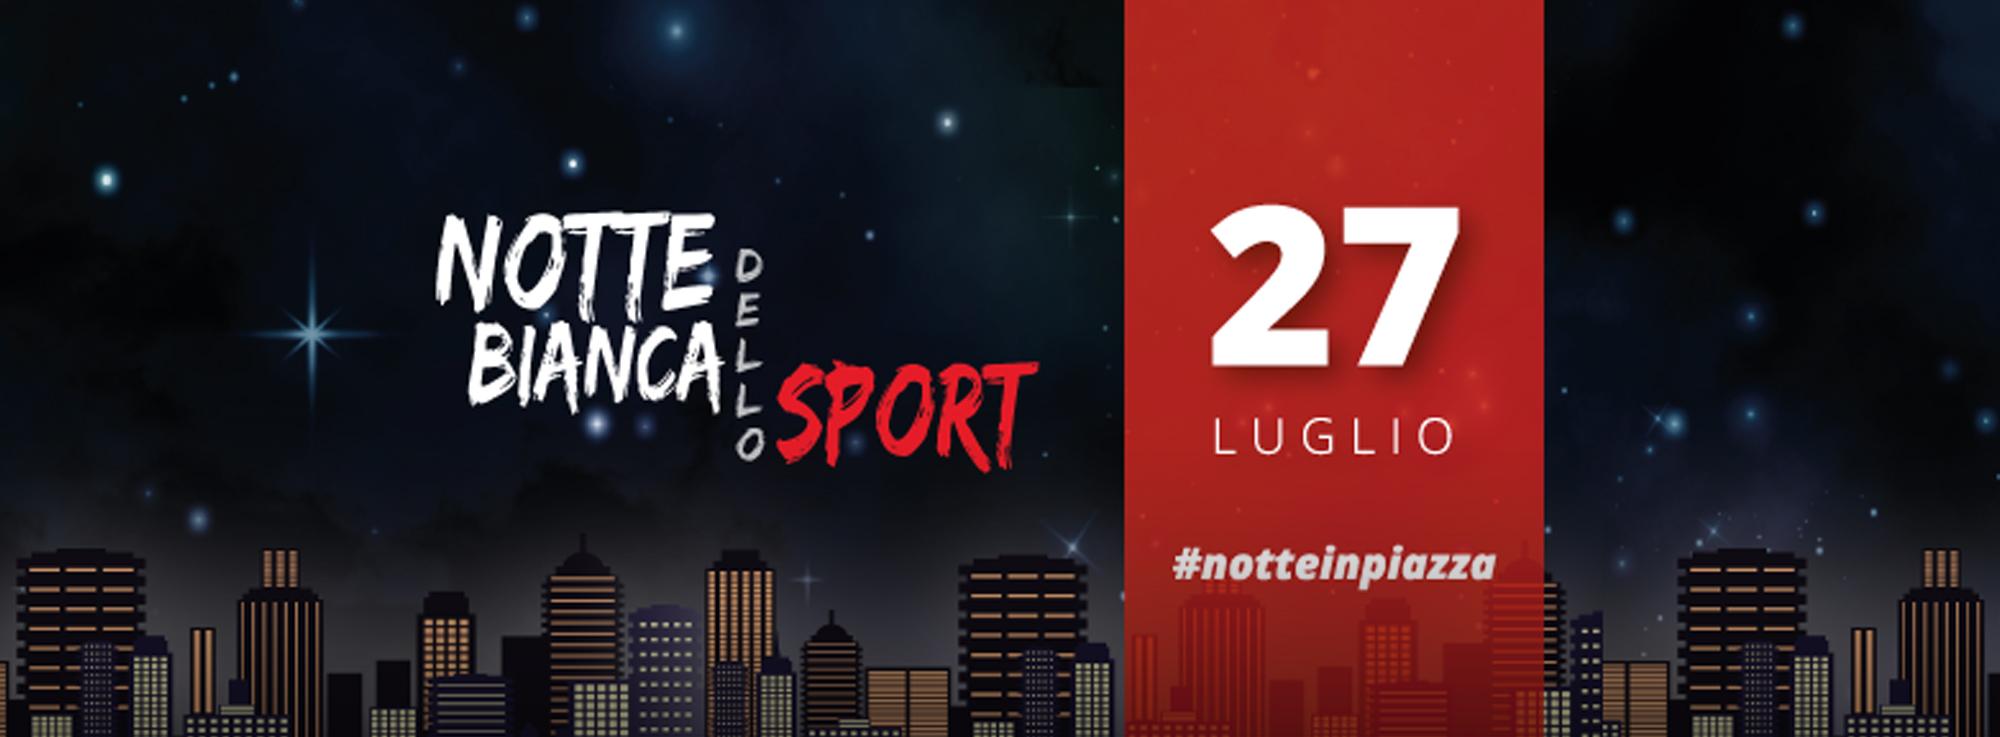 Modugno: Notte Bianca dello Sport 2019